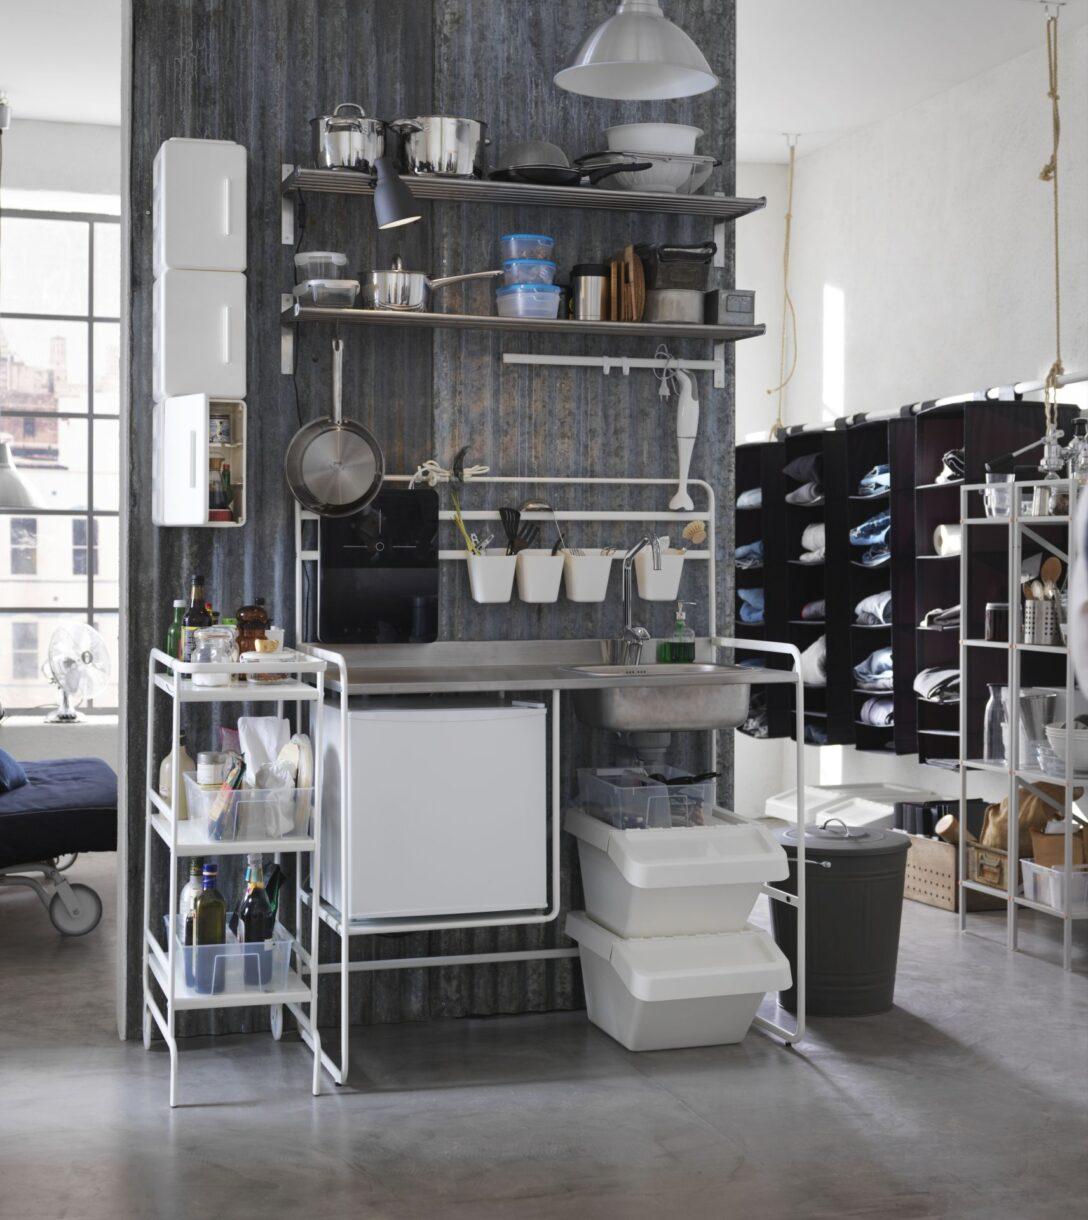 Large Size of Küche Ikea Kosten Betten Bei Modulküche Miniküche Kaufen Sofa Mit Schlaffunktion 160x200 Wohnzimmer Miniküchen Ikea